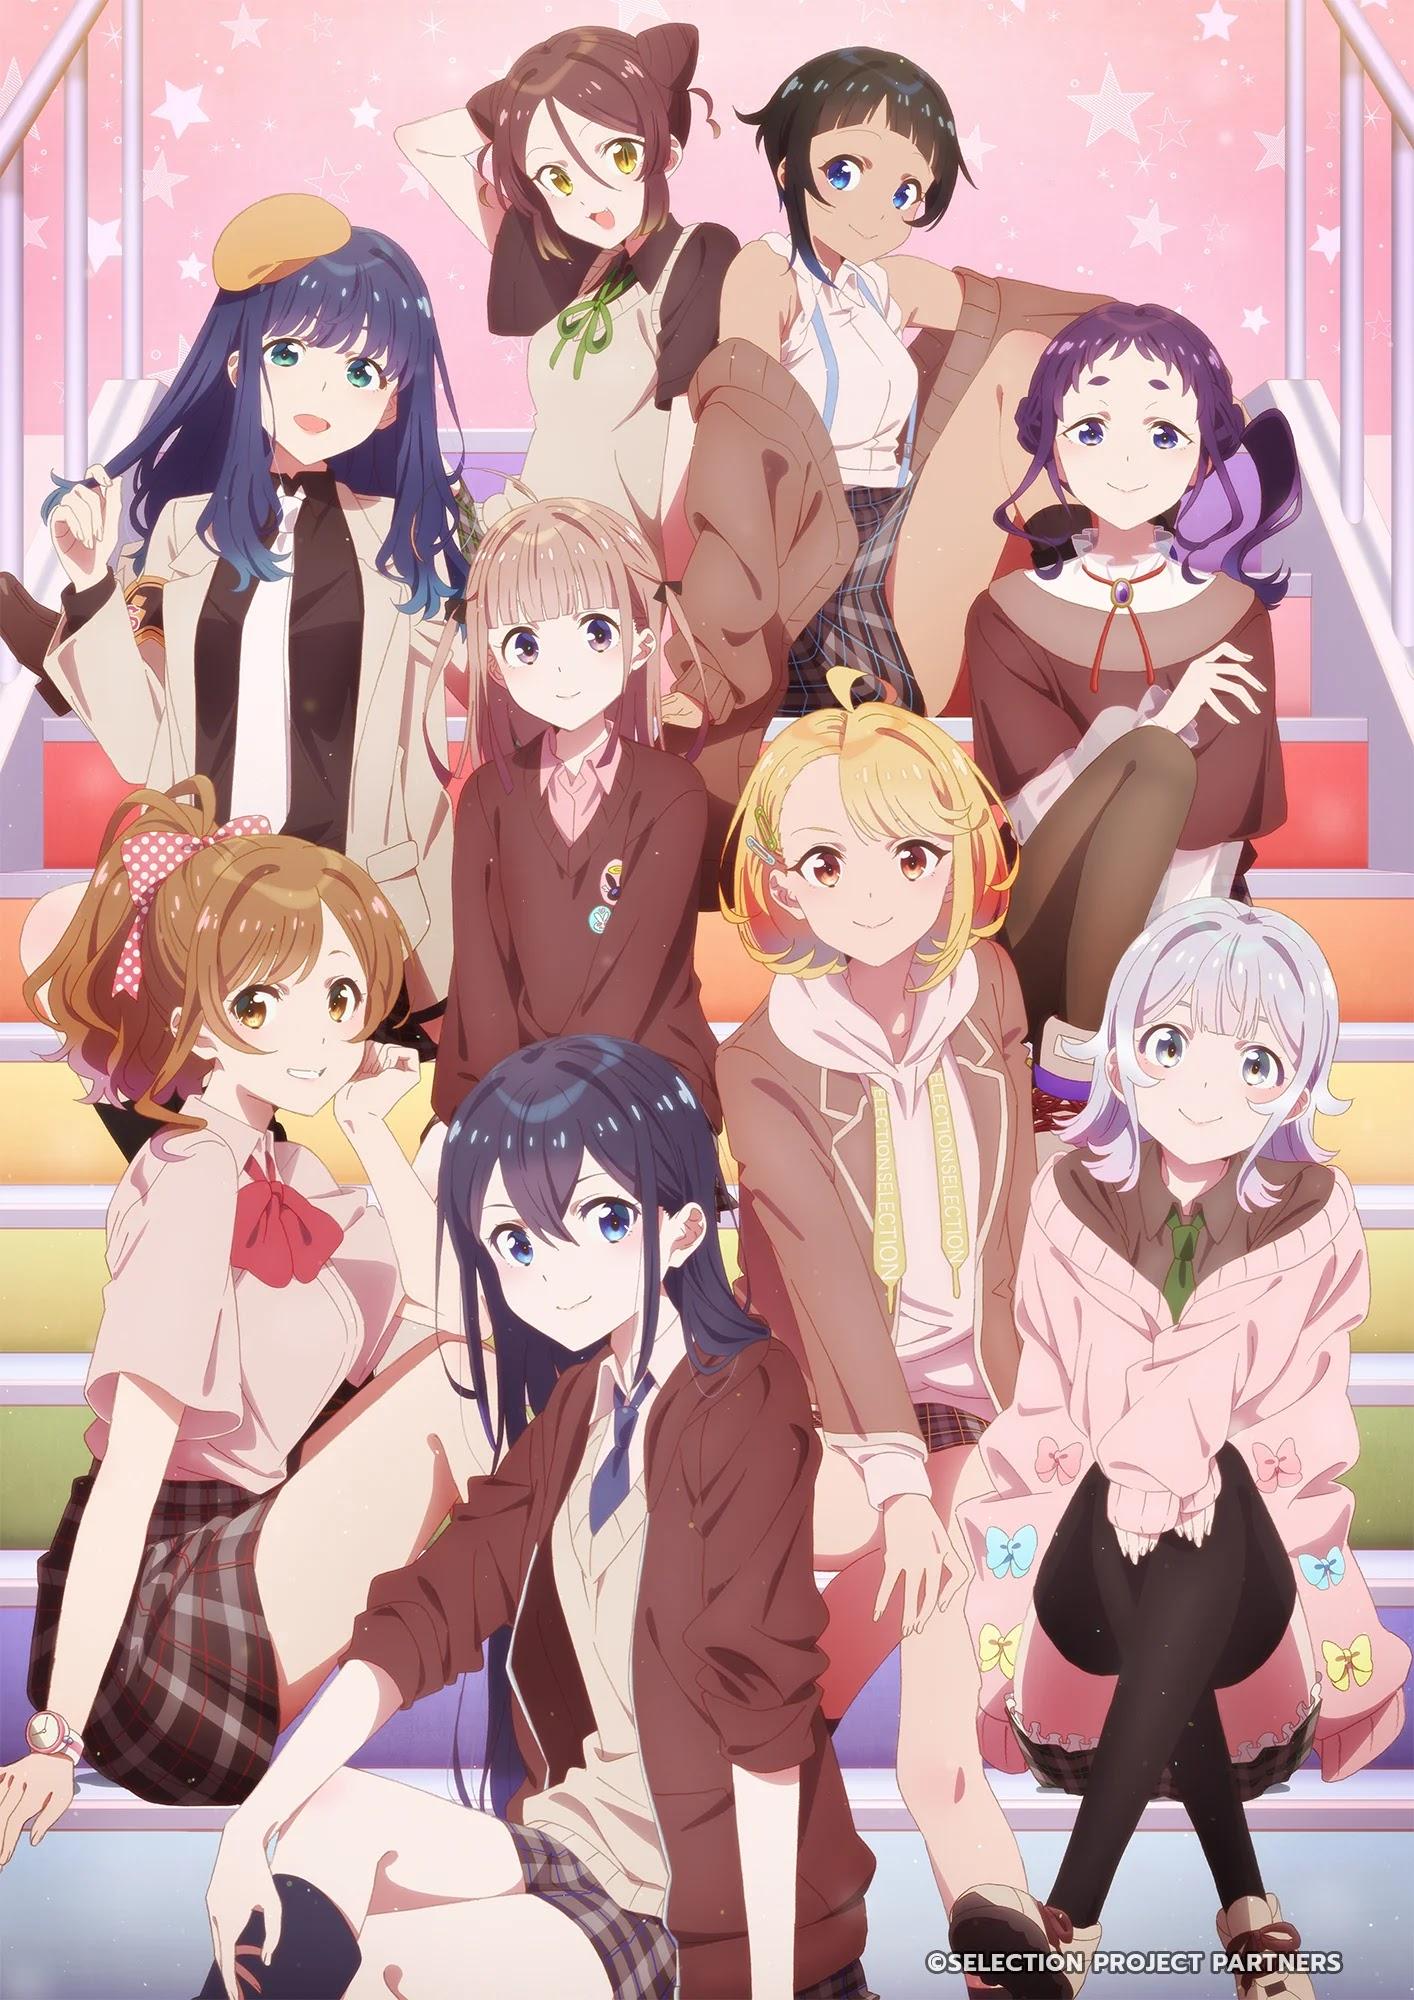 O Anime Original SELECTION PROJECT terá 12 episódios